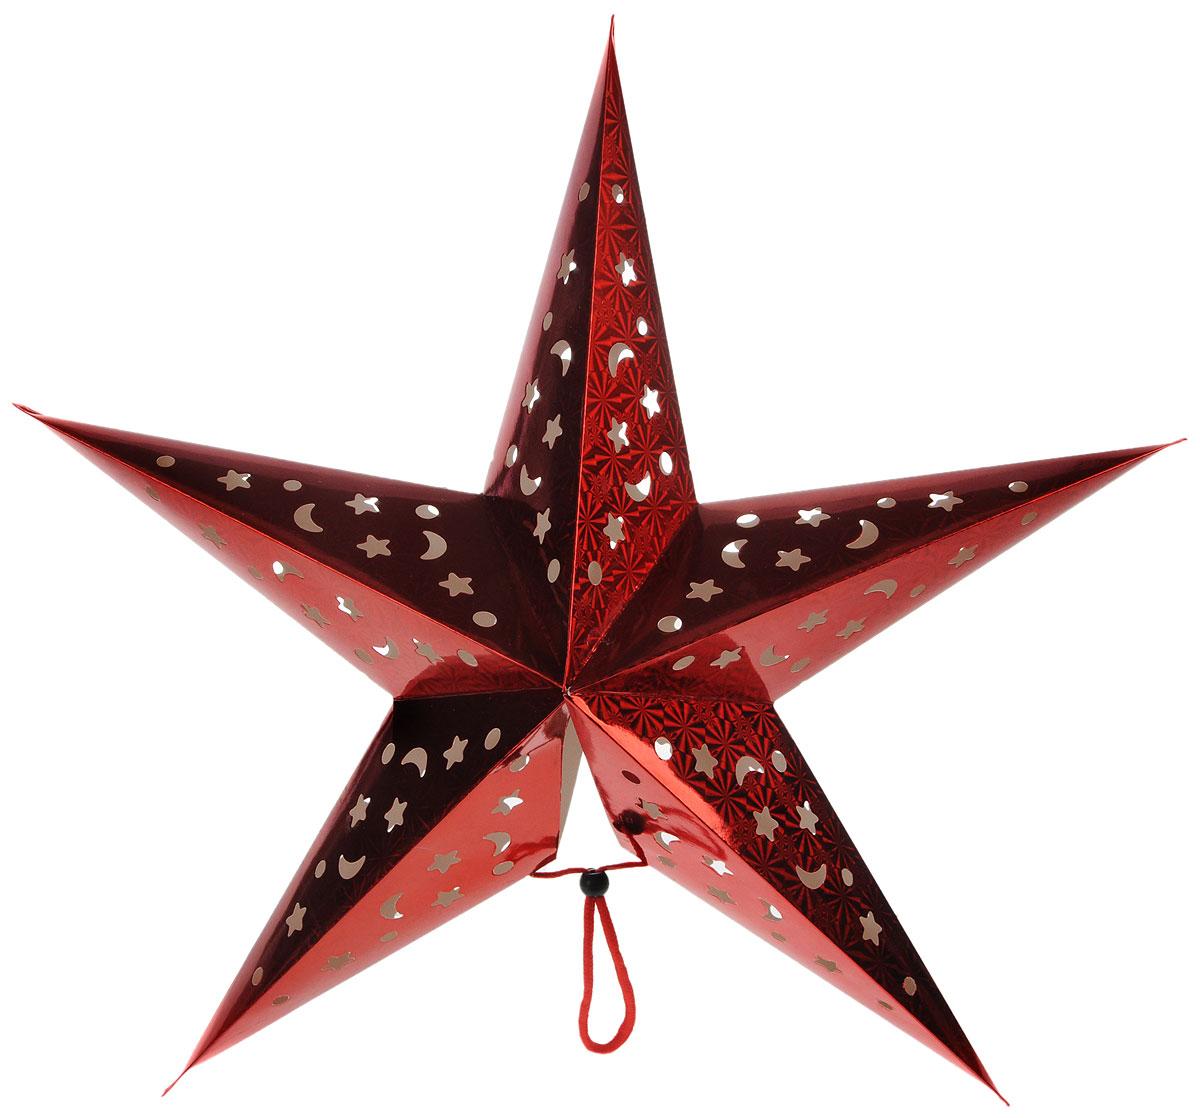 Украшение новогоднее House & Holder Звезда, со светодиодной подсветкой, 60 х 55 х 16 смKT415EНовогоднее украшение House & Holder Звезда выполнено из картона и оснащено светодиодной подсветкой, работающей от двух батареек типа АА. Изделие можно подвесить в любом понравившемся вам месте. Такое украшение поможет украсить дом или офис к предстоящим праздникам. Новогодние украшения всегда несут в себе волшебство и красоту праздника. Создайте в своем доме атмосферу тепла, веселья и радости, украшая его всей семьей.Размеры звезды: 60 х 55 х 16 см.длина подсветки: 130 см.